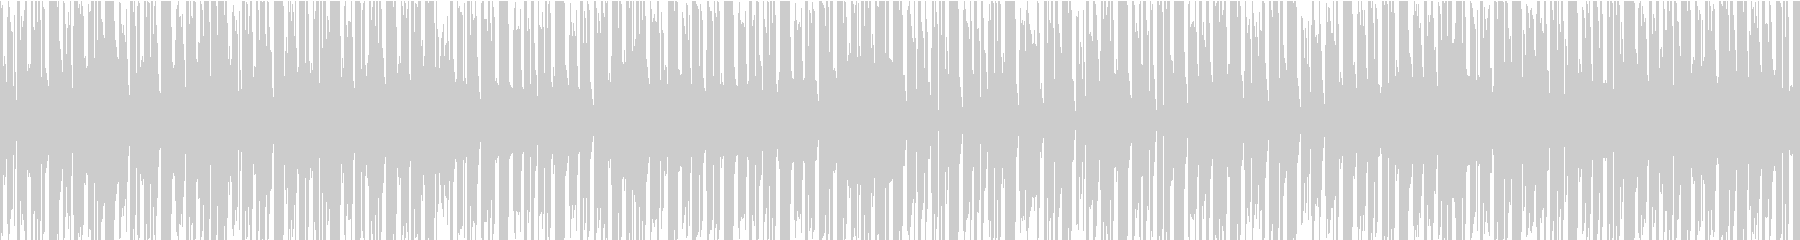 ゆめかわボサノバ×チップチューンループの未再生の波形